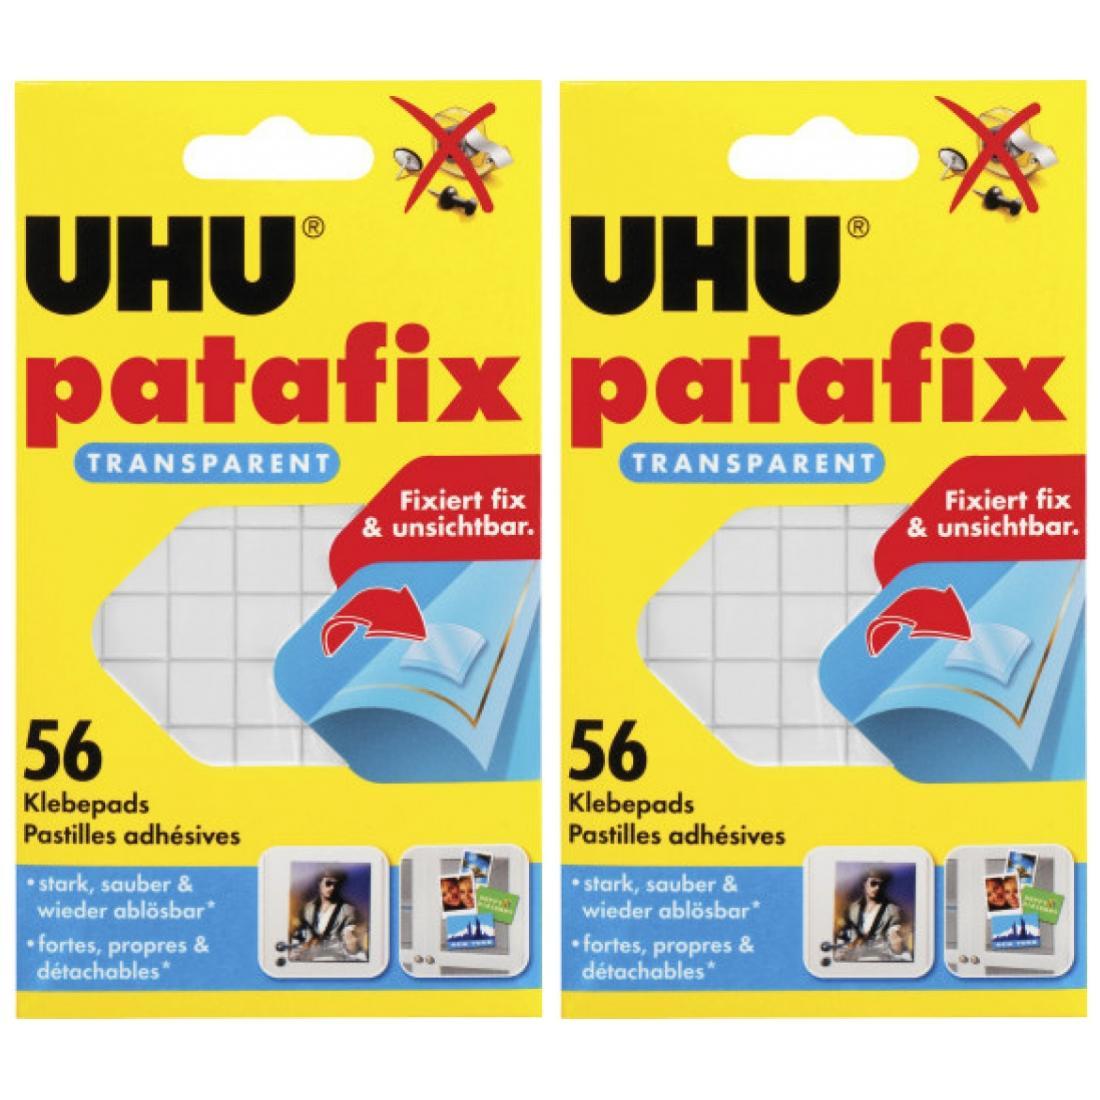 20 x Uhu Patafix transparent